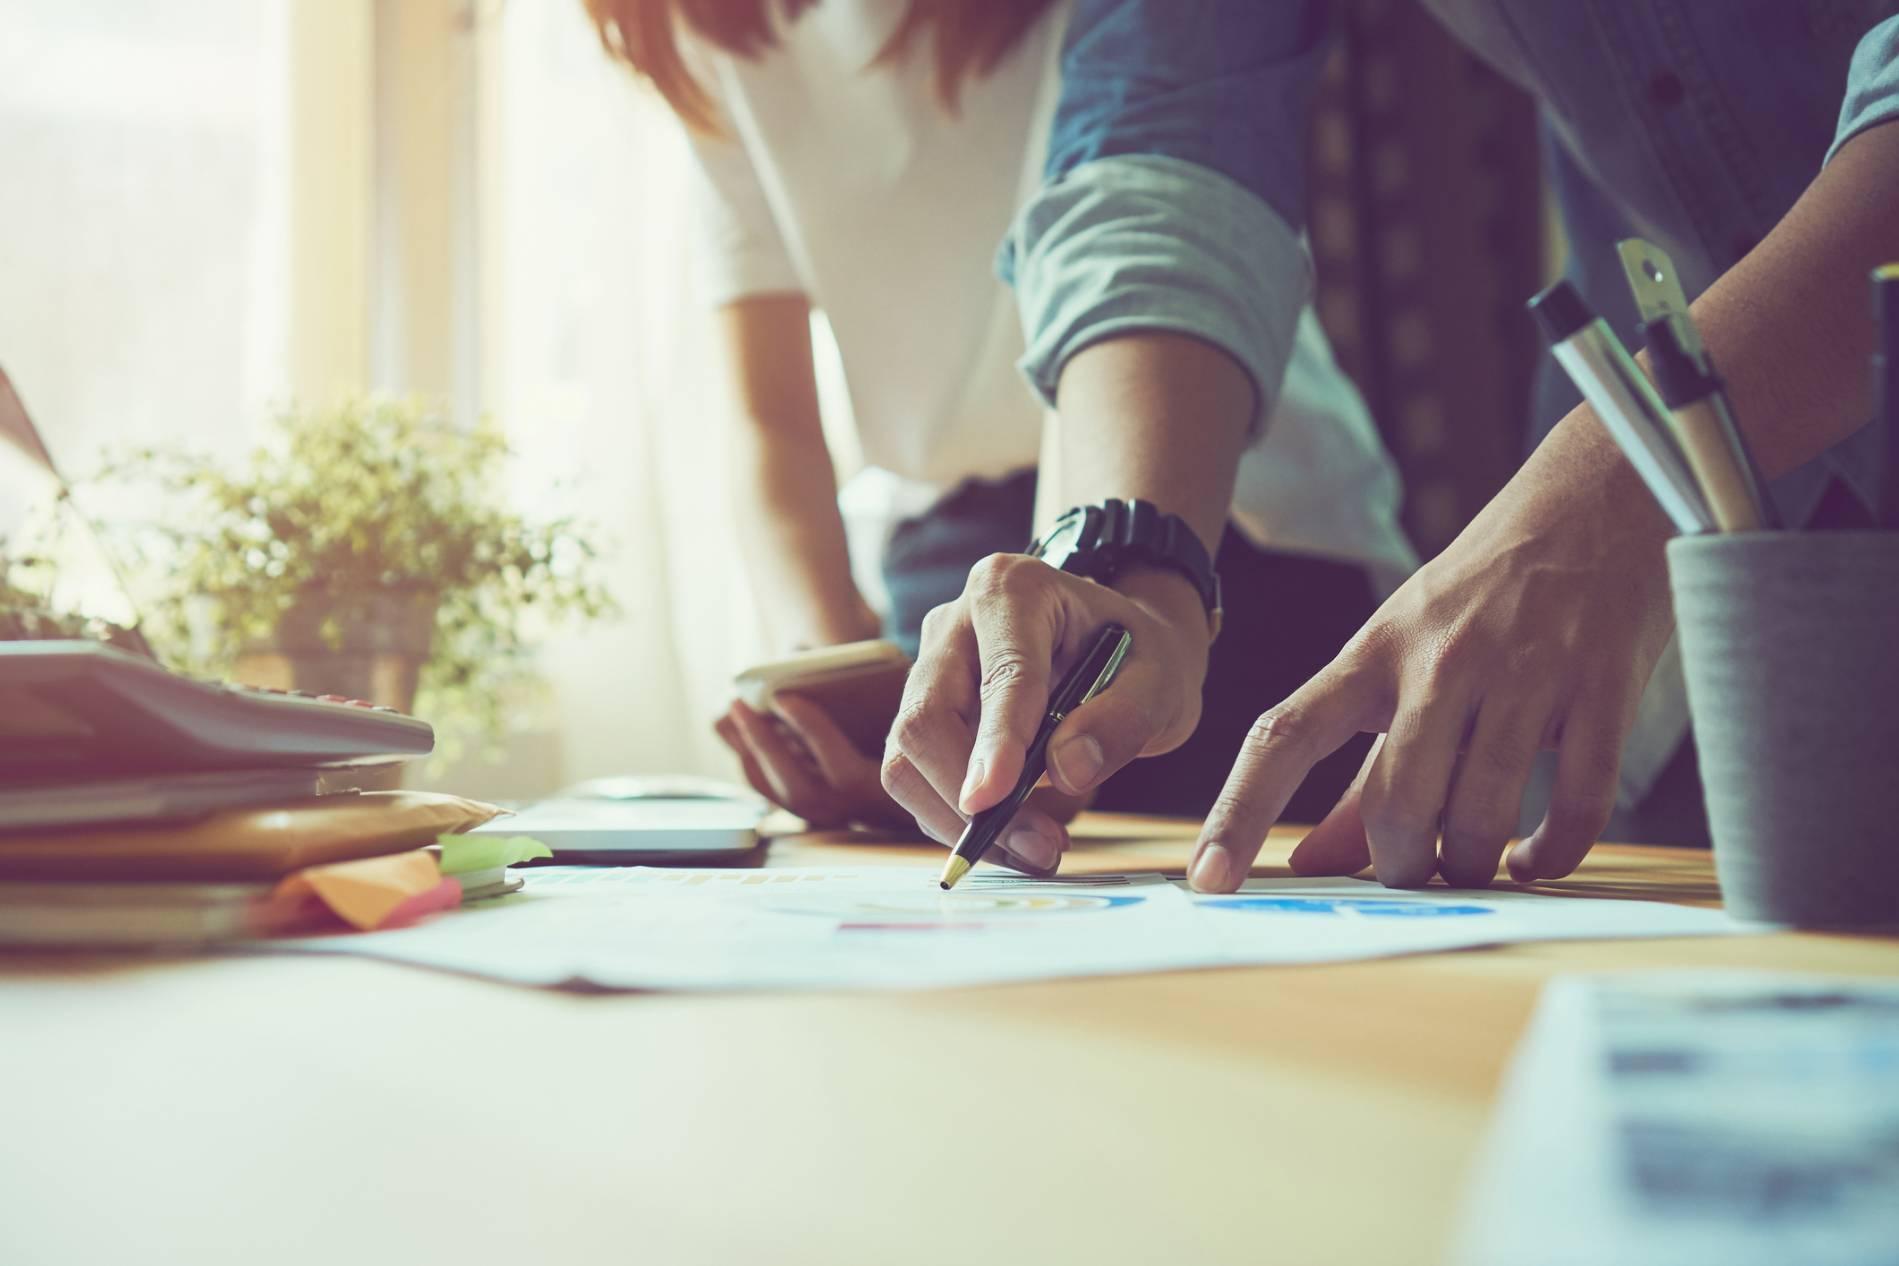 Définition de Brand Content : qu'est-ce que le brand content ?